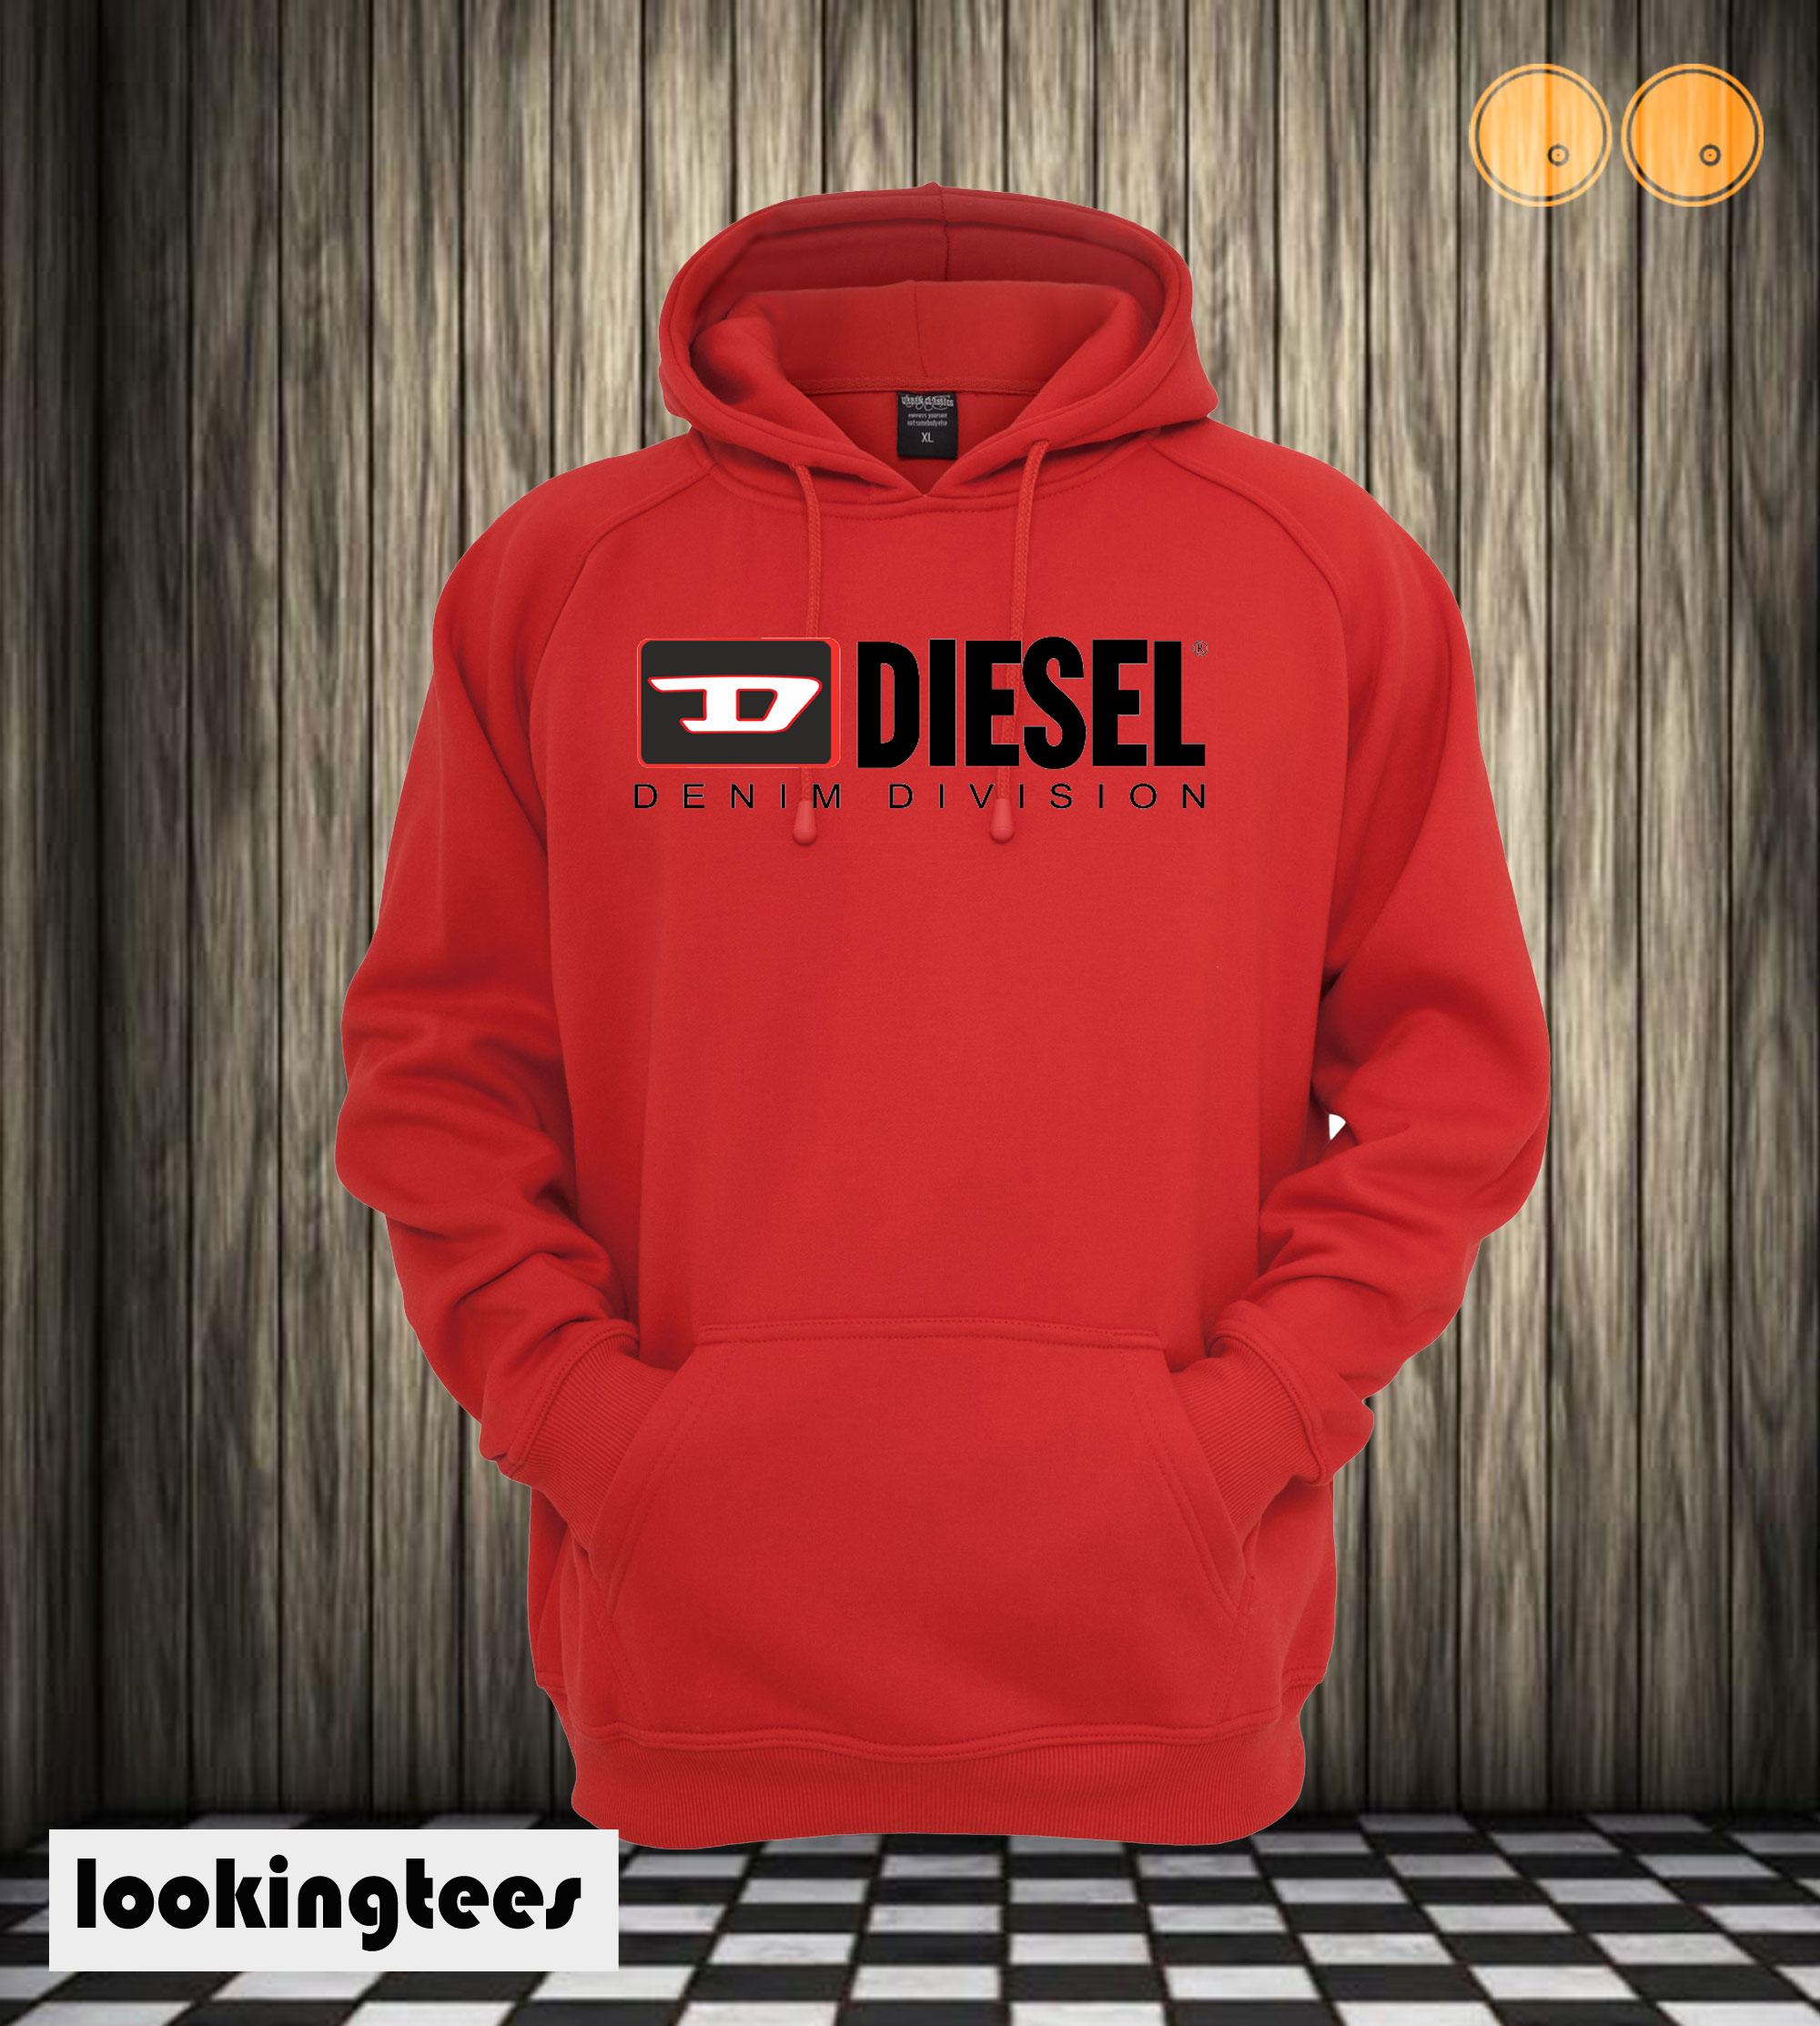 Diesel Denim Division Hoodie